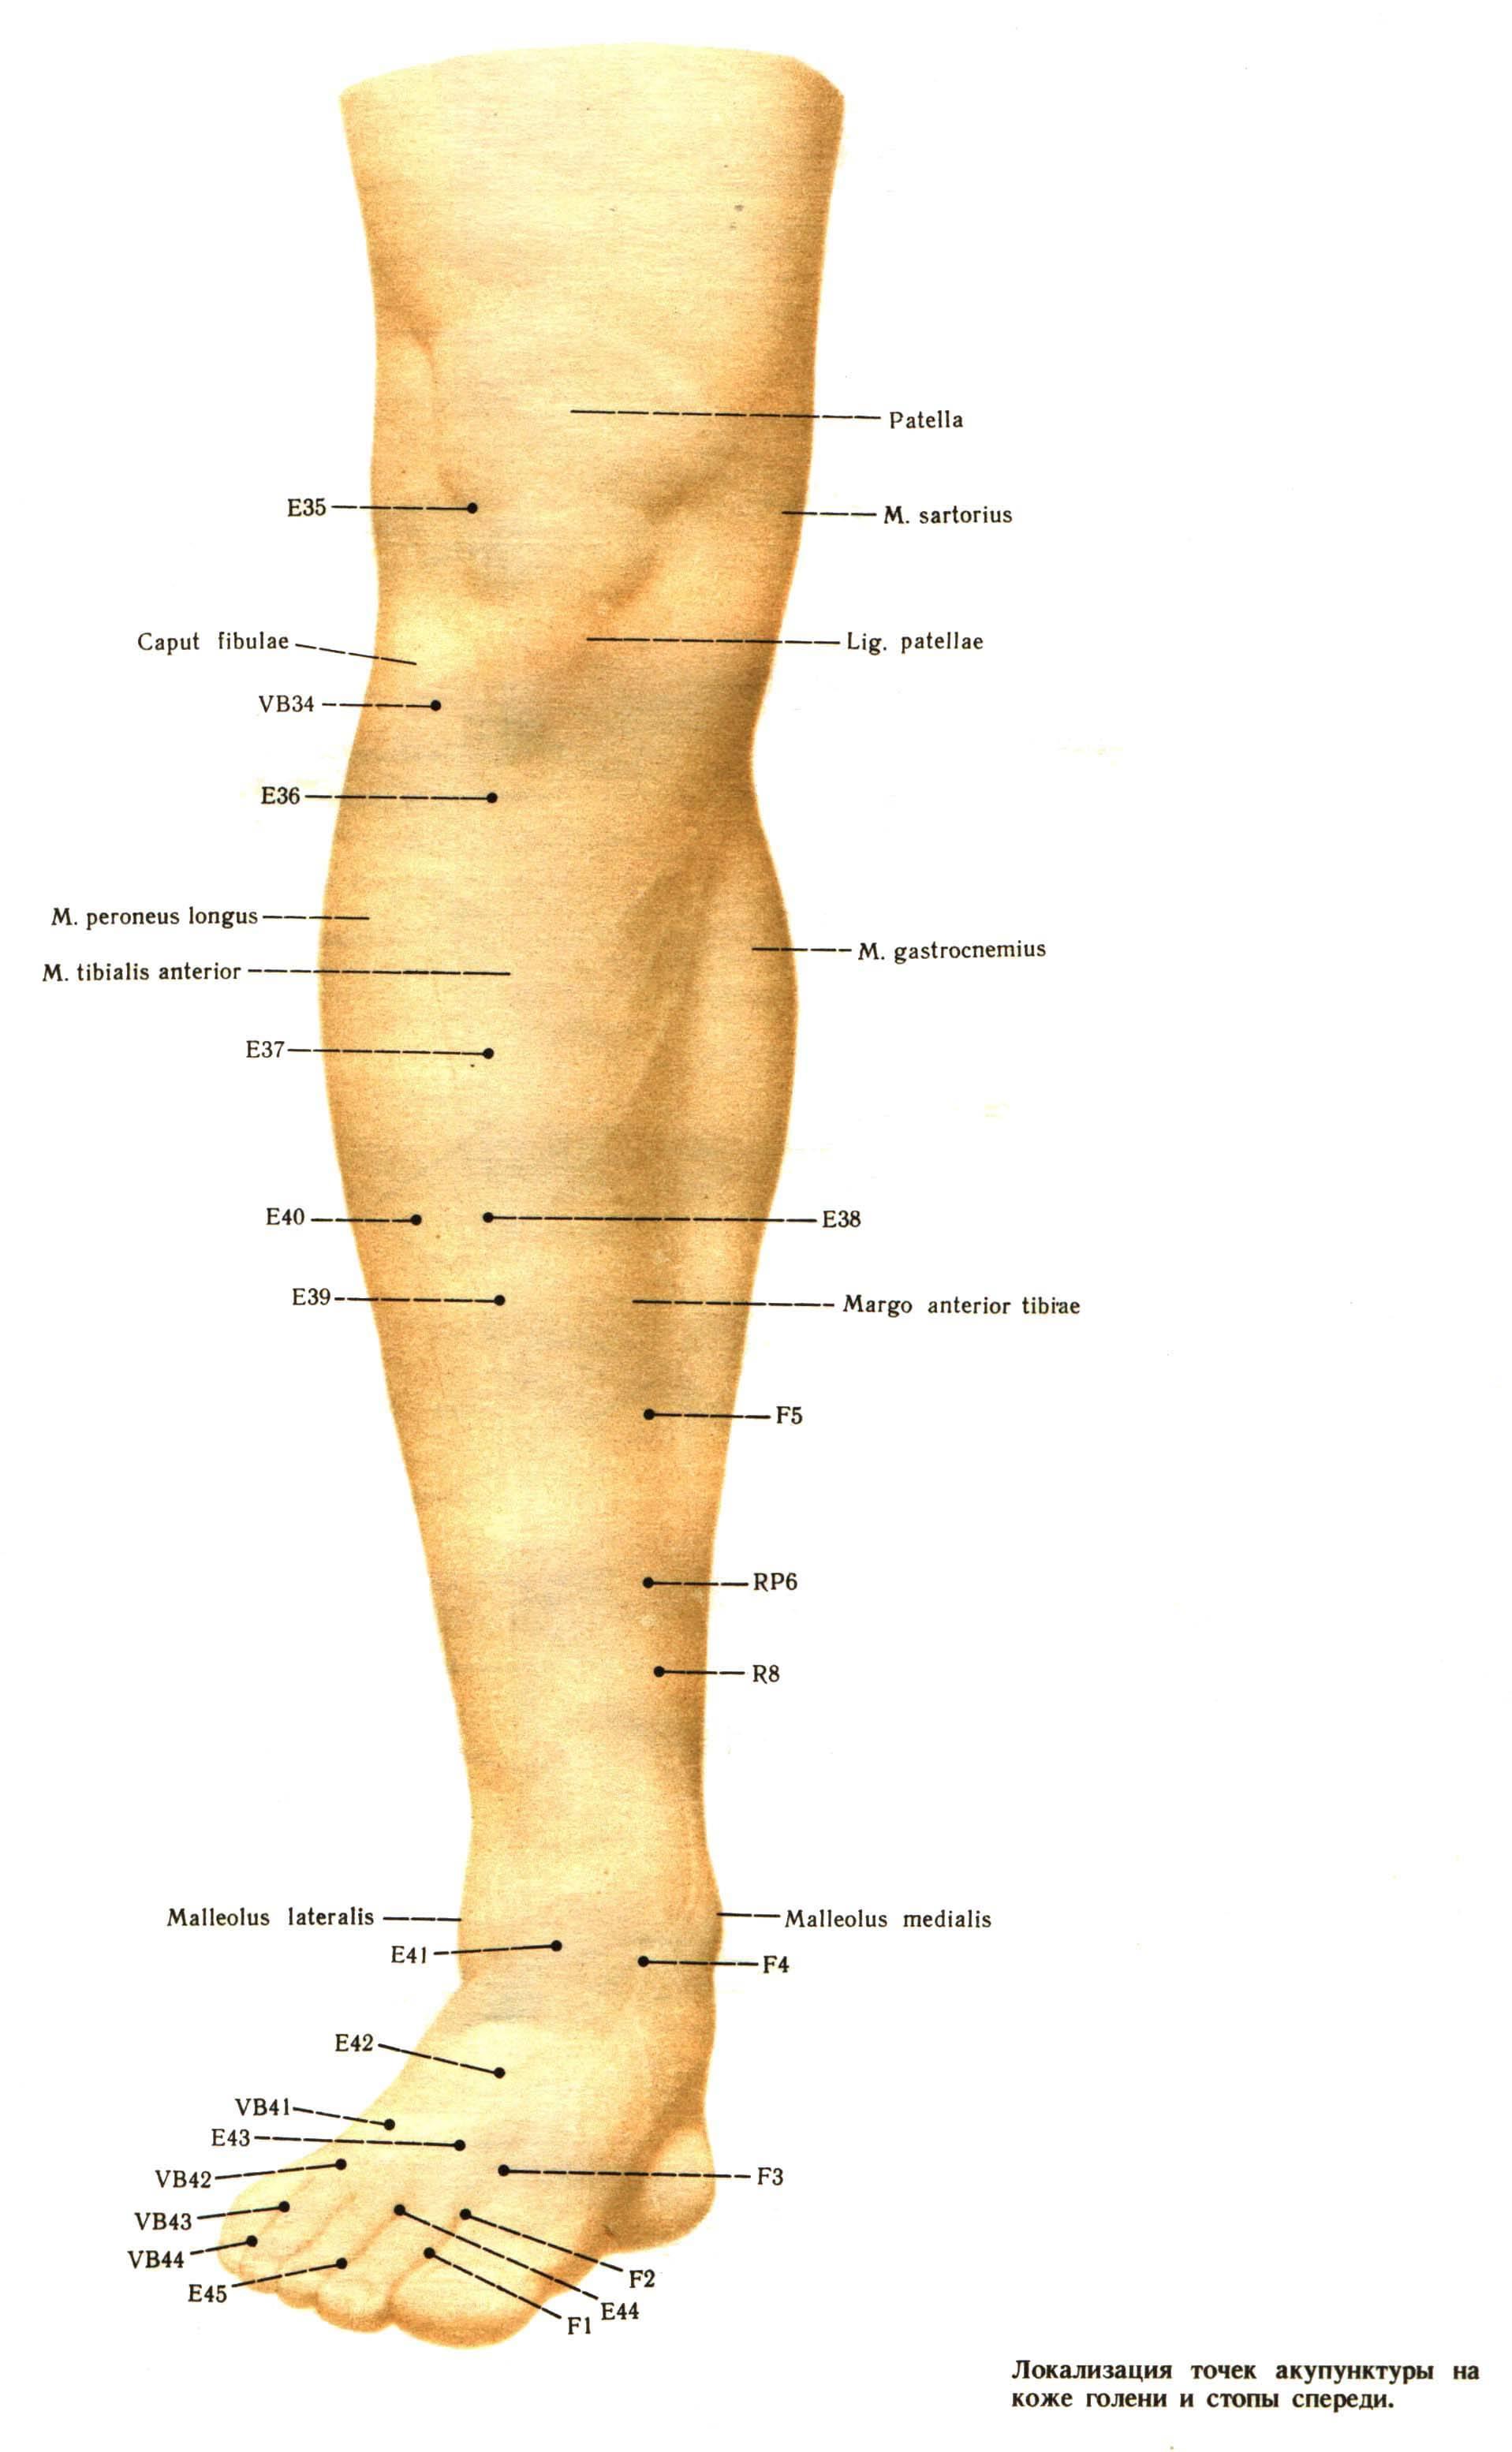 где находится голеностопный сустав у человека фото